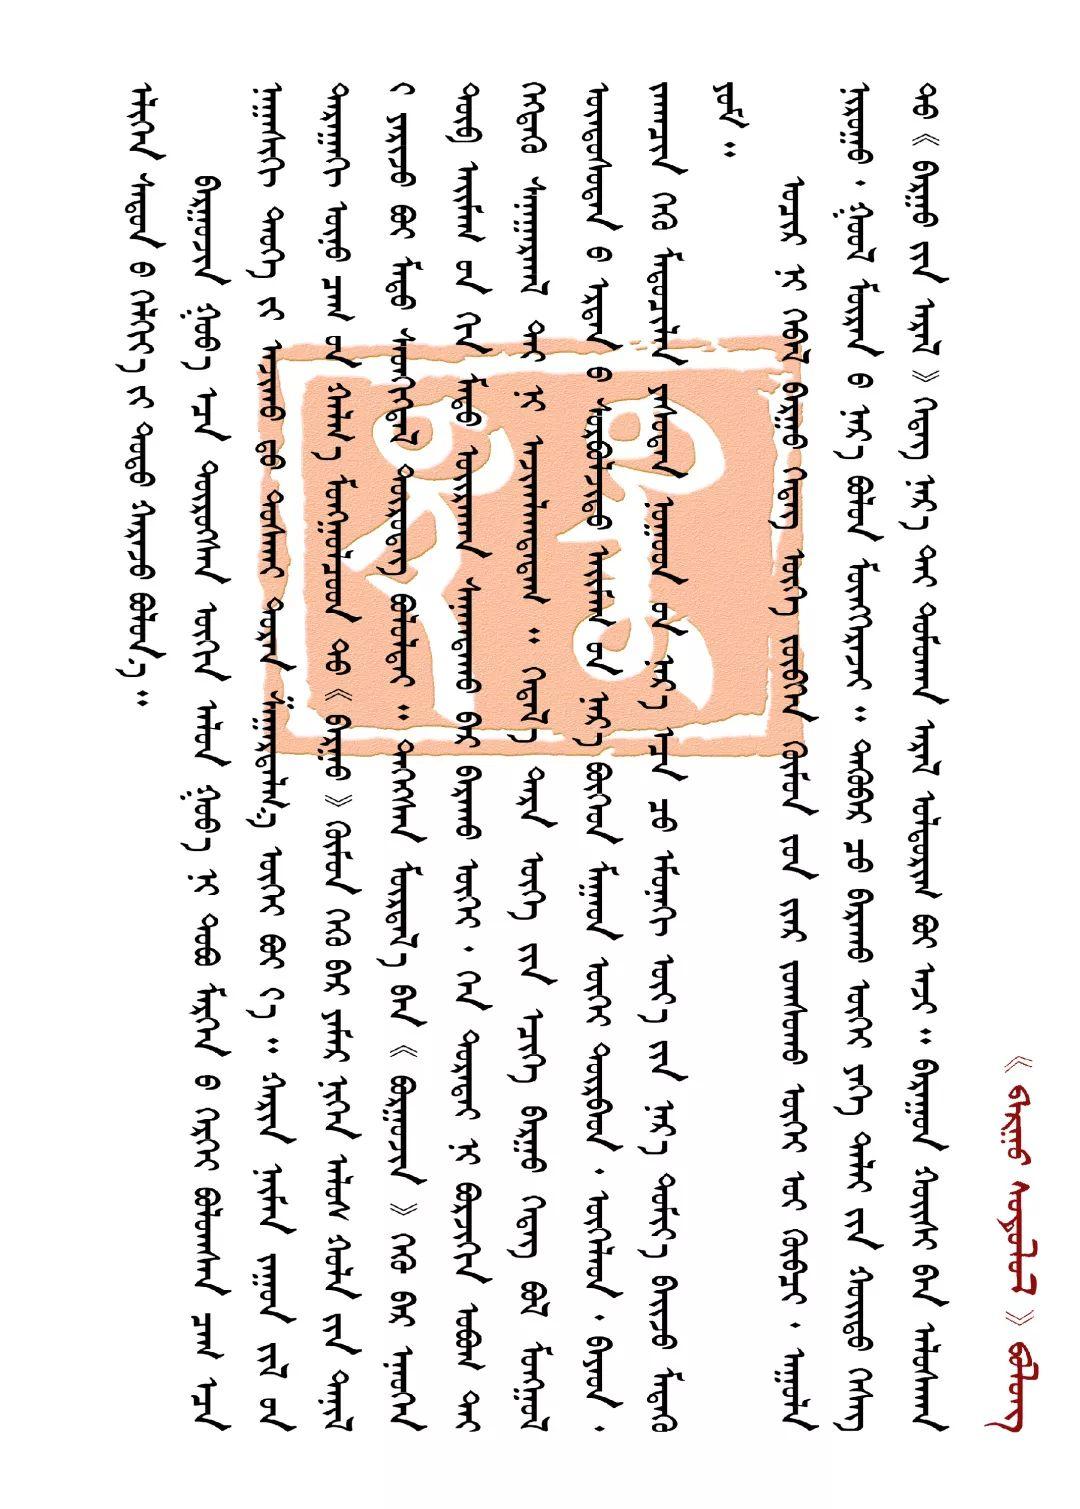 巴尔虎研究 【第三期】 第6张 巴尔虎研究 【第三期】 蒙古文化